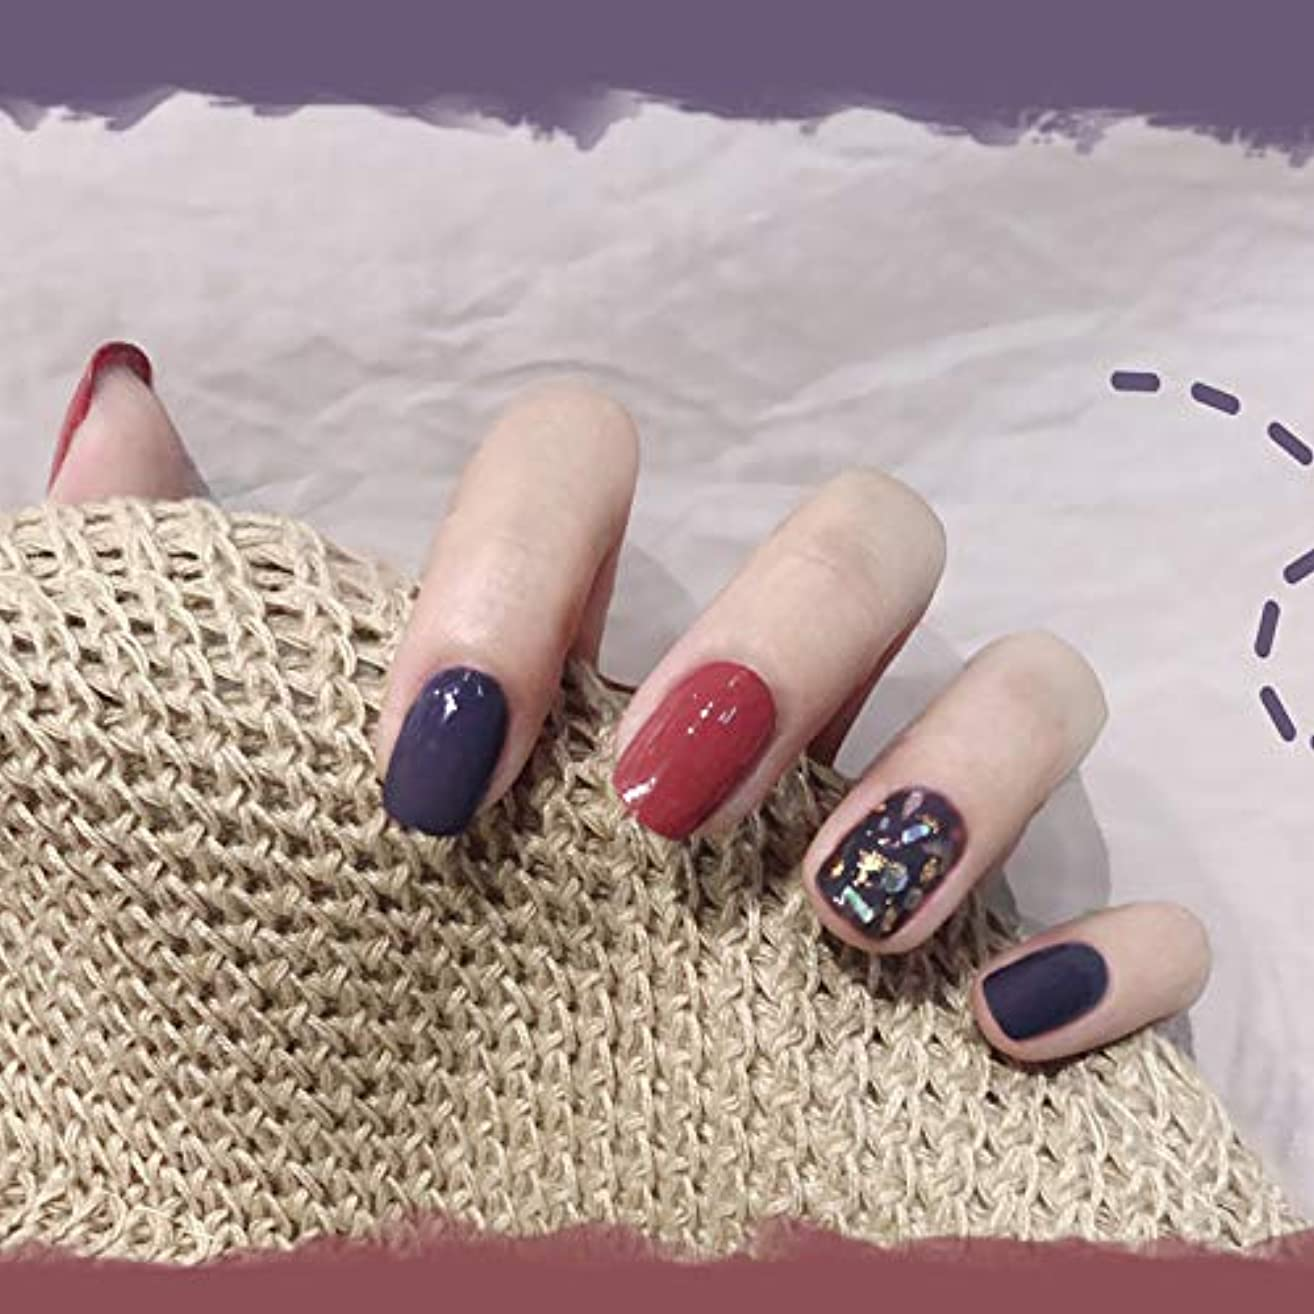 耐えられるヒゲクジラロマンチックハイエンドカラー シェル 金箔 気質 パープル 24pcs 短いさネイルチップ 森の少女 ネイル花嫁 インターネットの人気スタイル